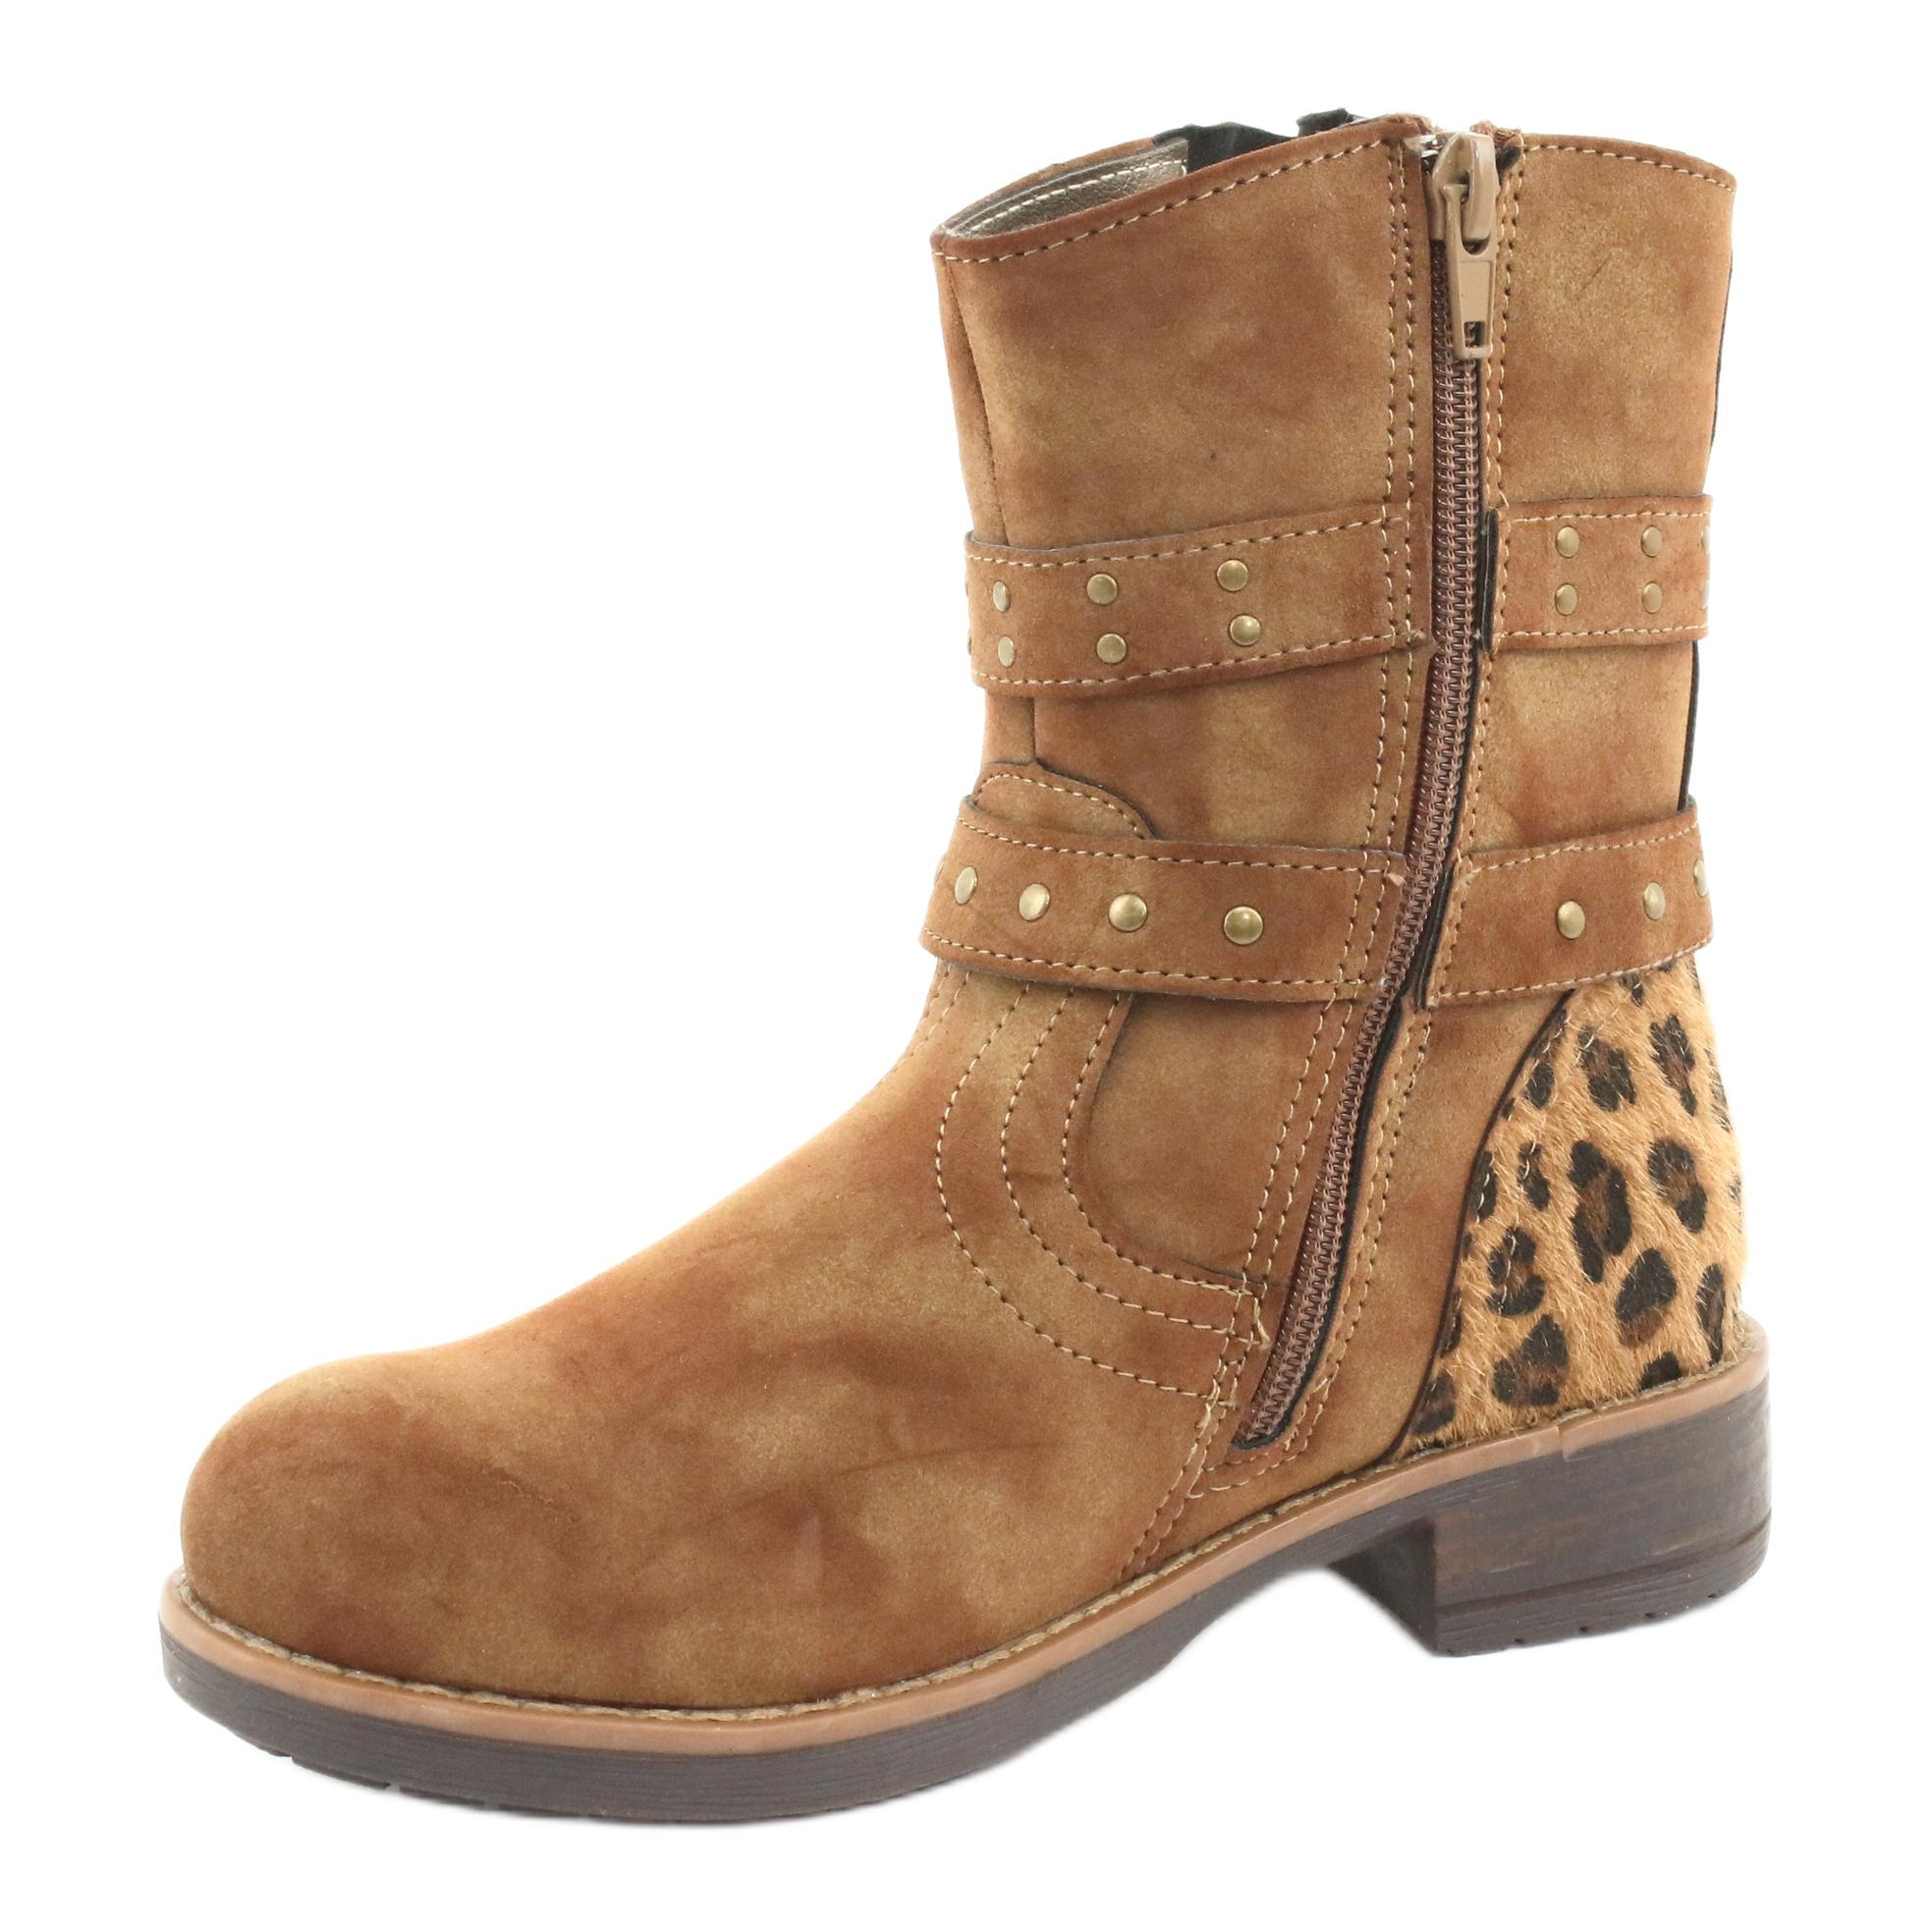 miniatura 3 - American Club Stivali di leopardo Getti marroni americani marrone